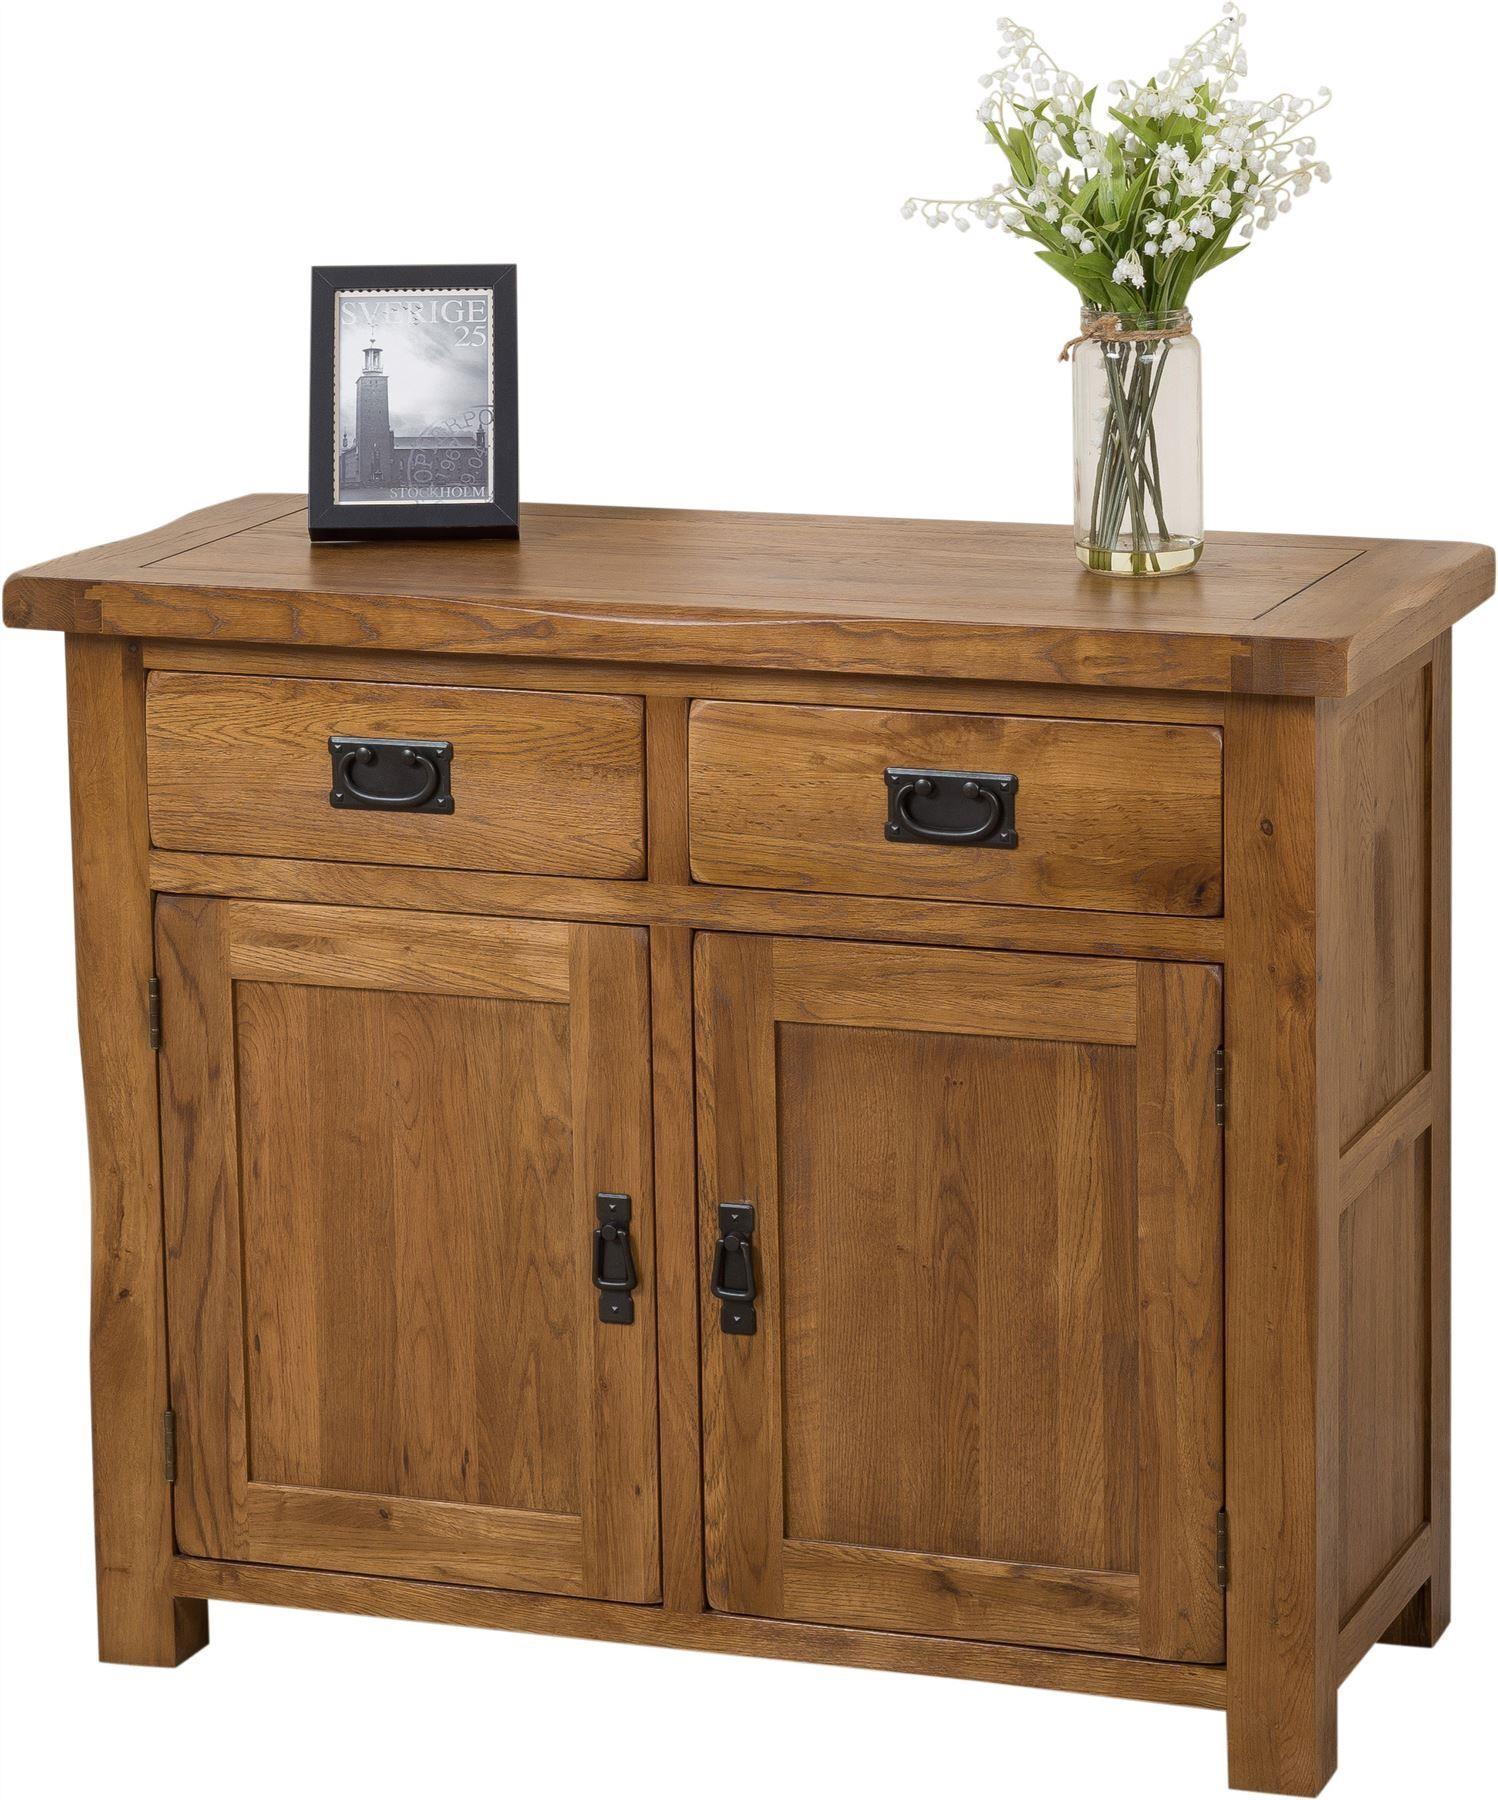 Cotswold rustic small oak sideboard modern furniture direct for Modern furniture direct